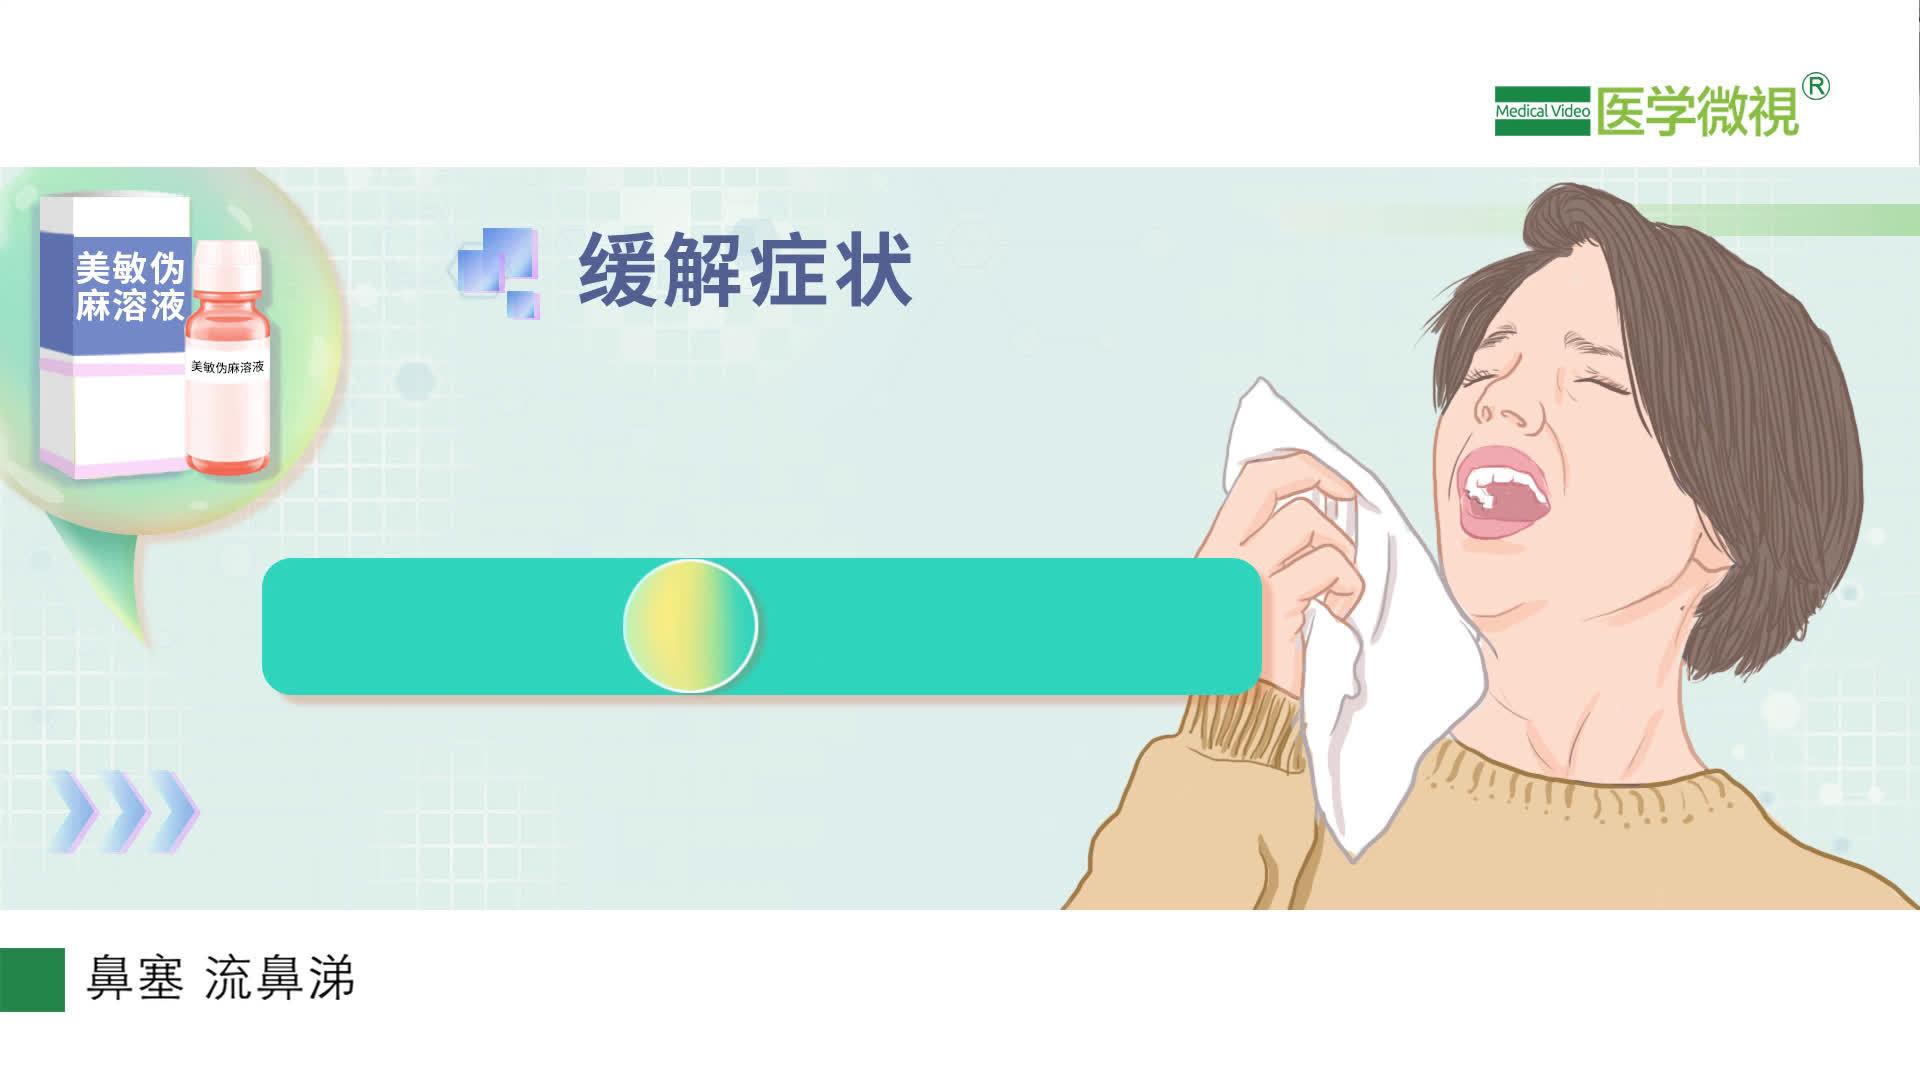 普通感冒、流行性感冒都可以服用美敏伪麻溶液吗?有什么作用